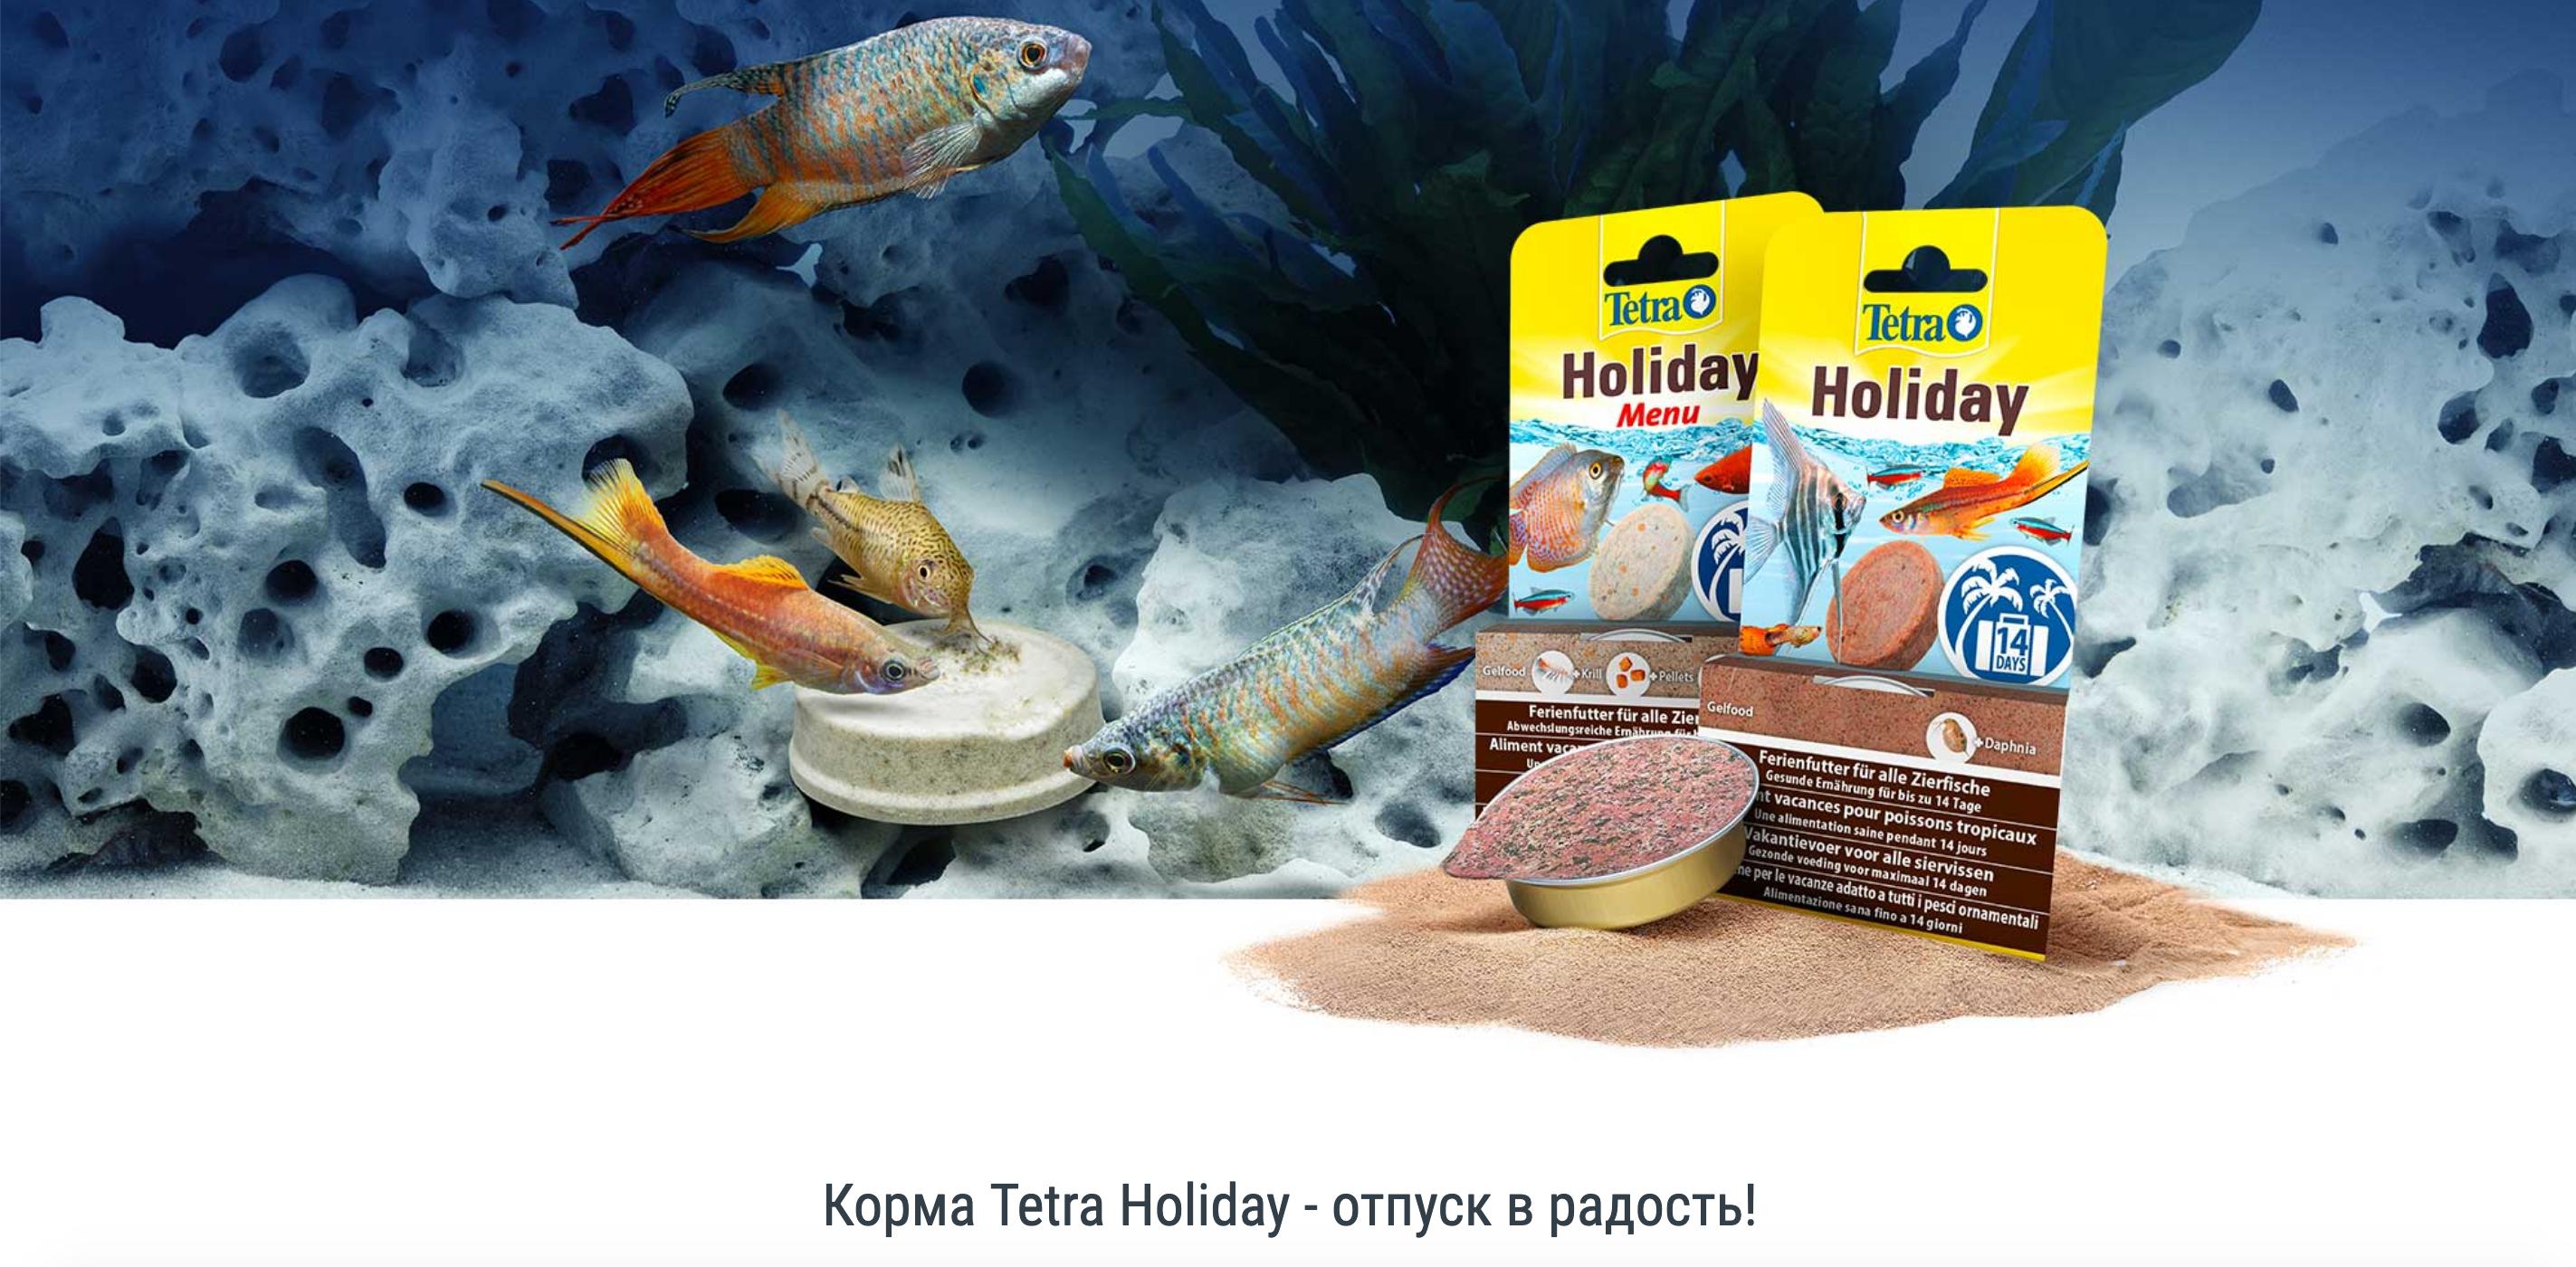 Купить корм для рыб Tetra в Калининграде